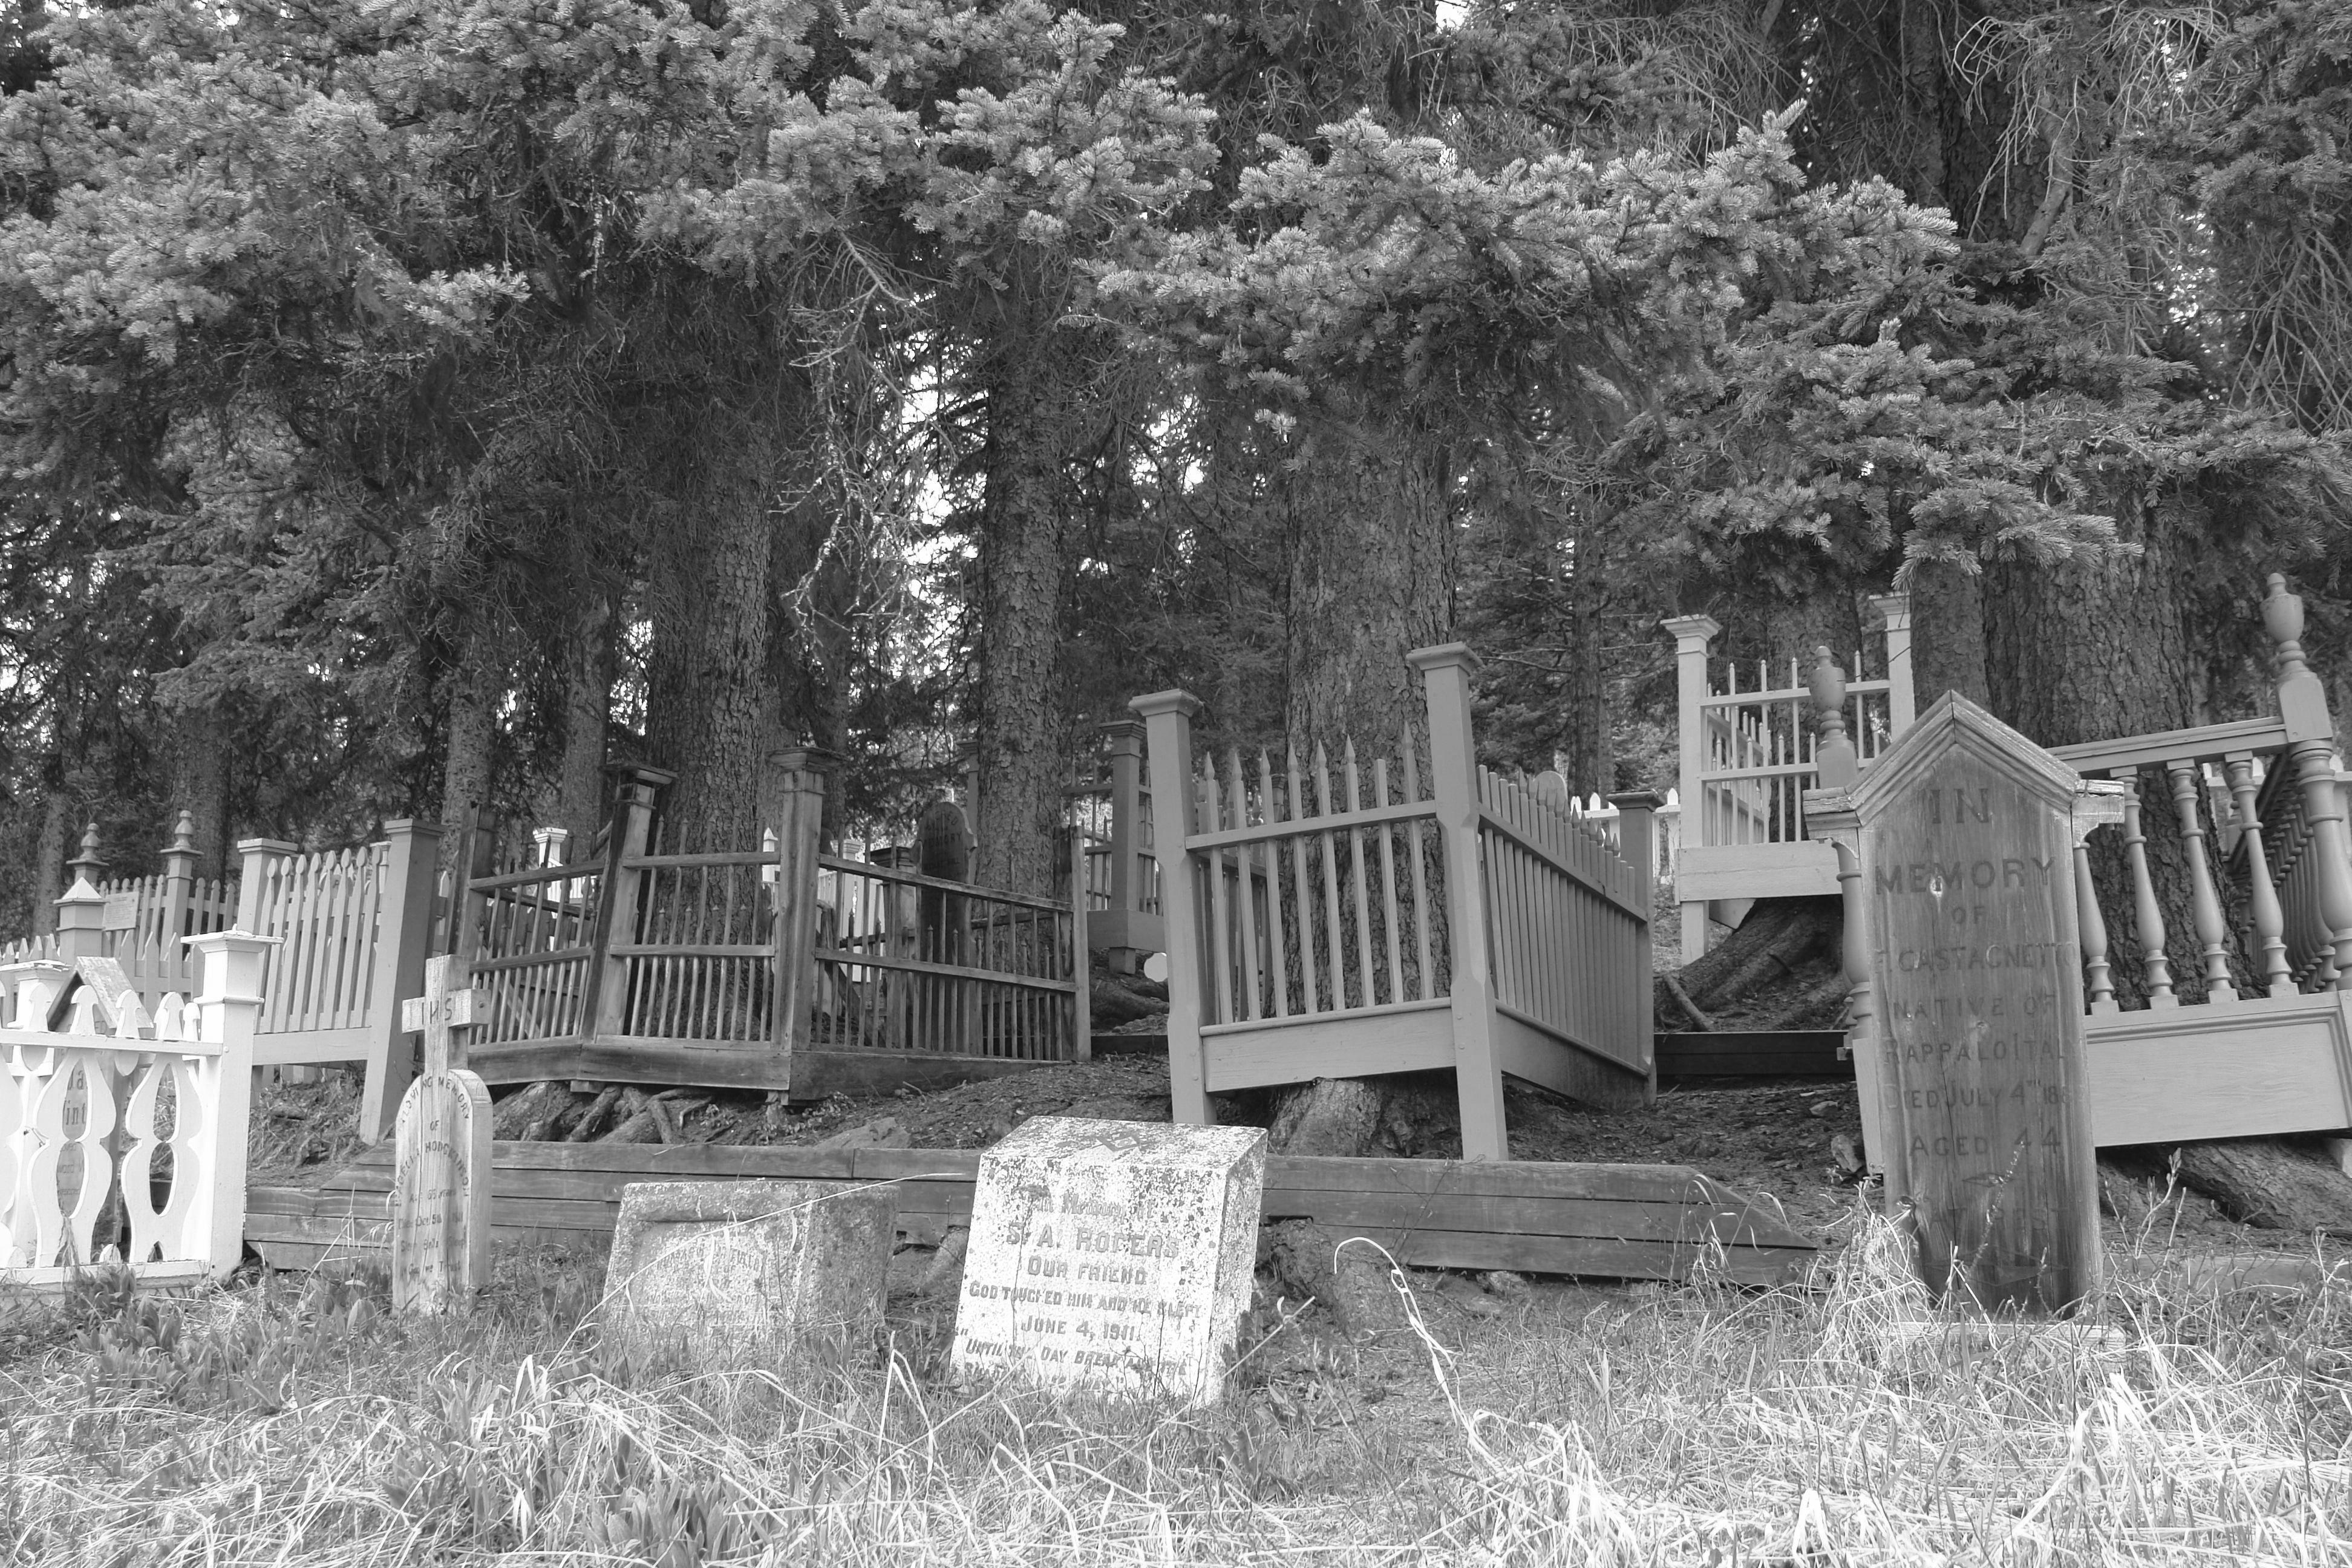 File:Barkerville BC Cemetery; Black & White.jpg ...  File:Barkervill...